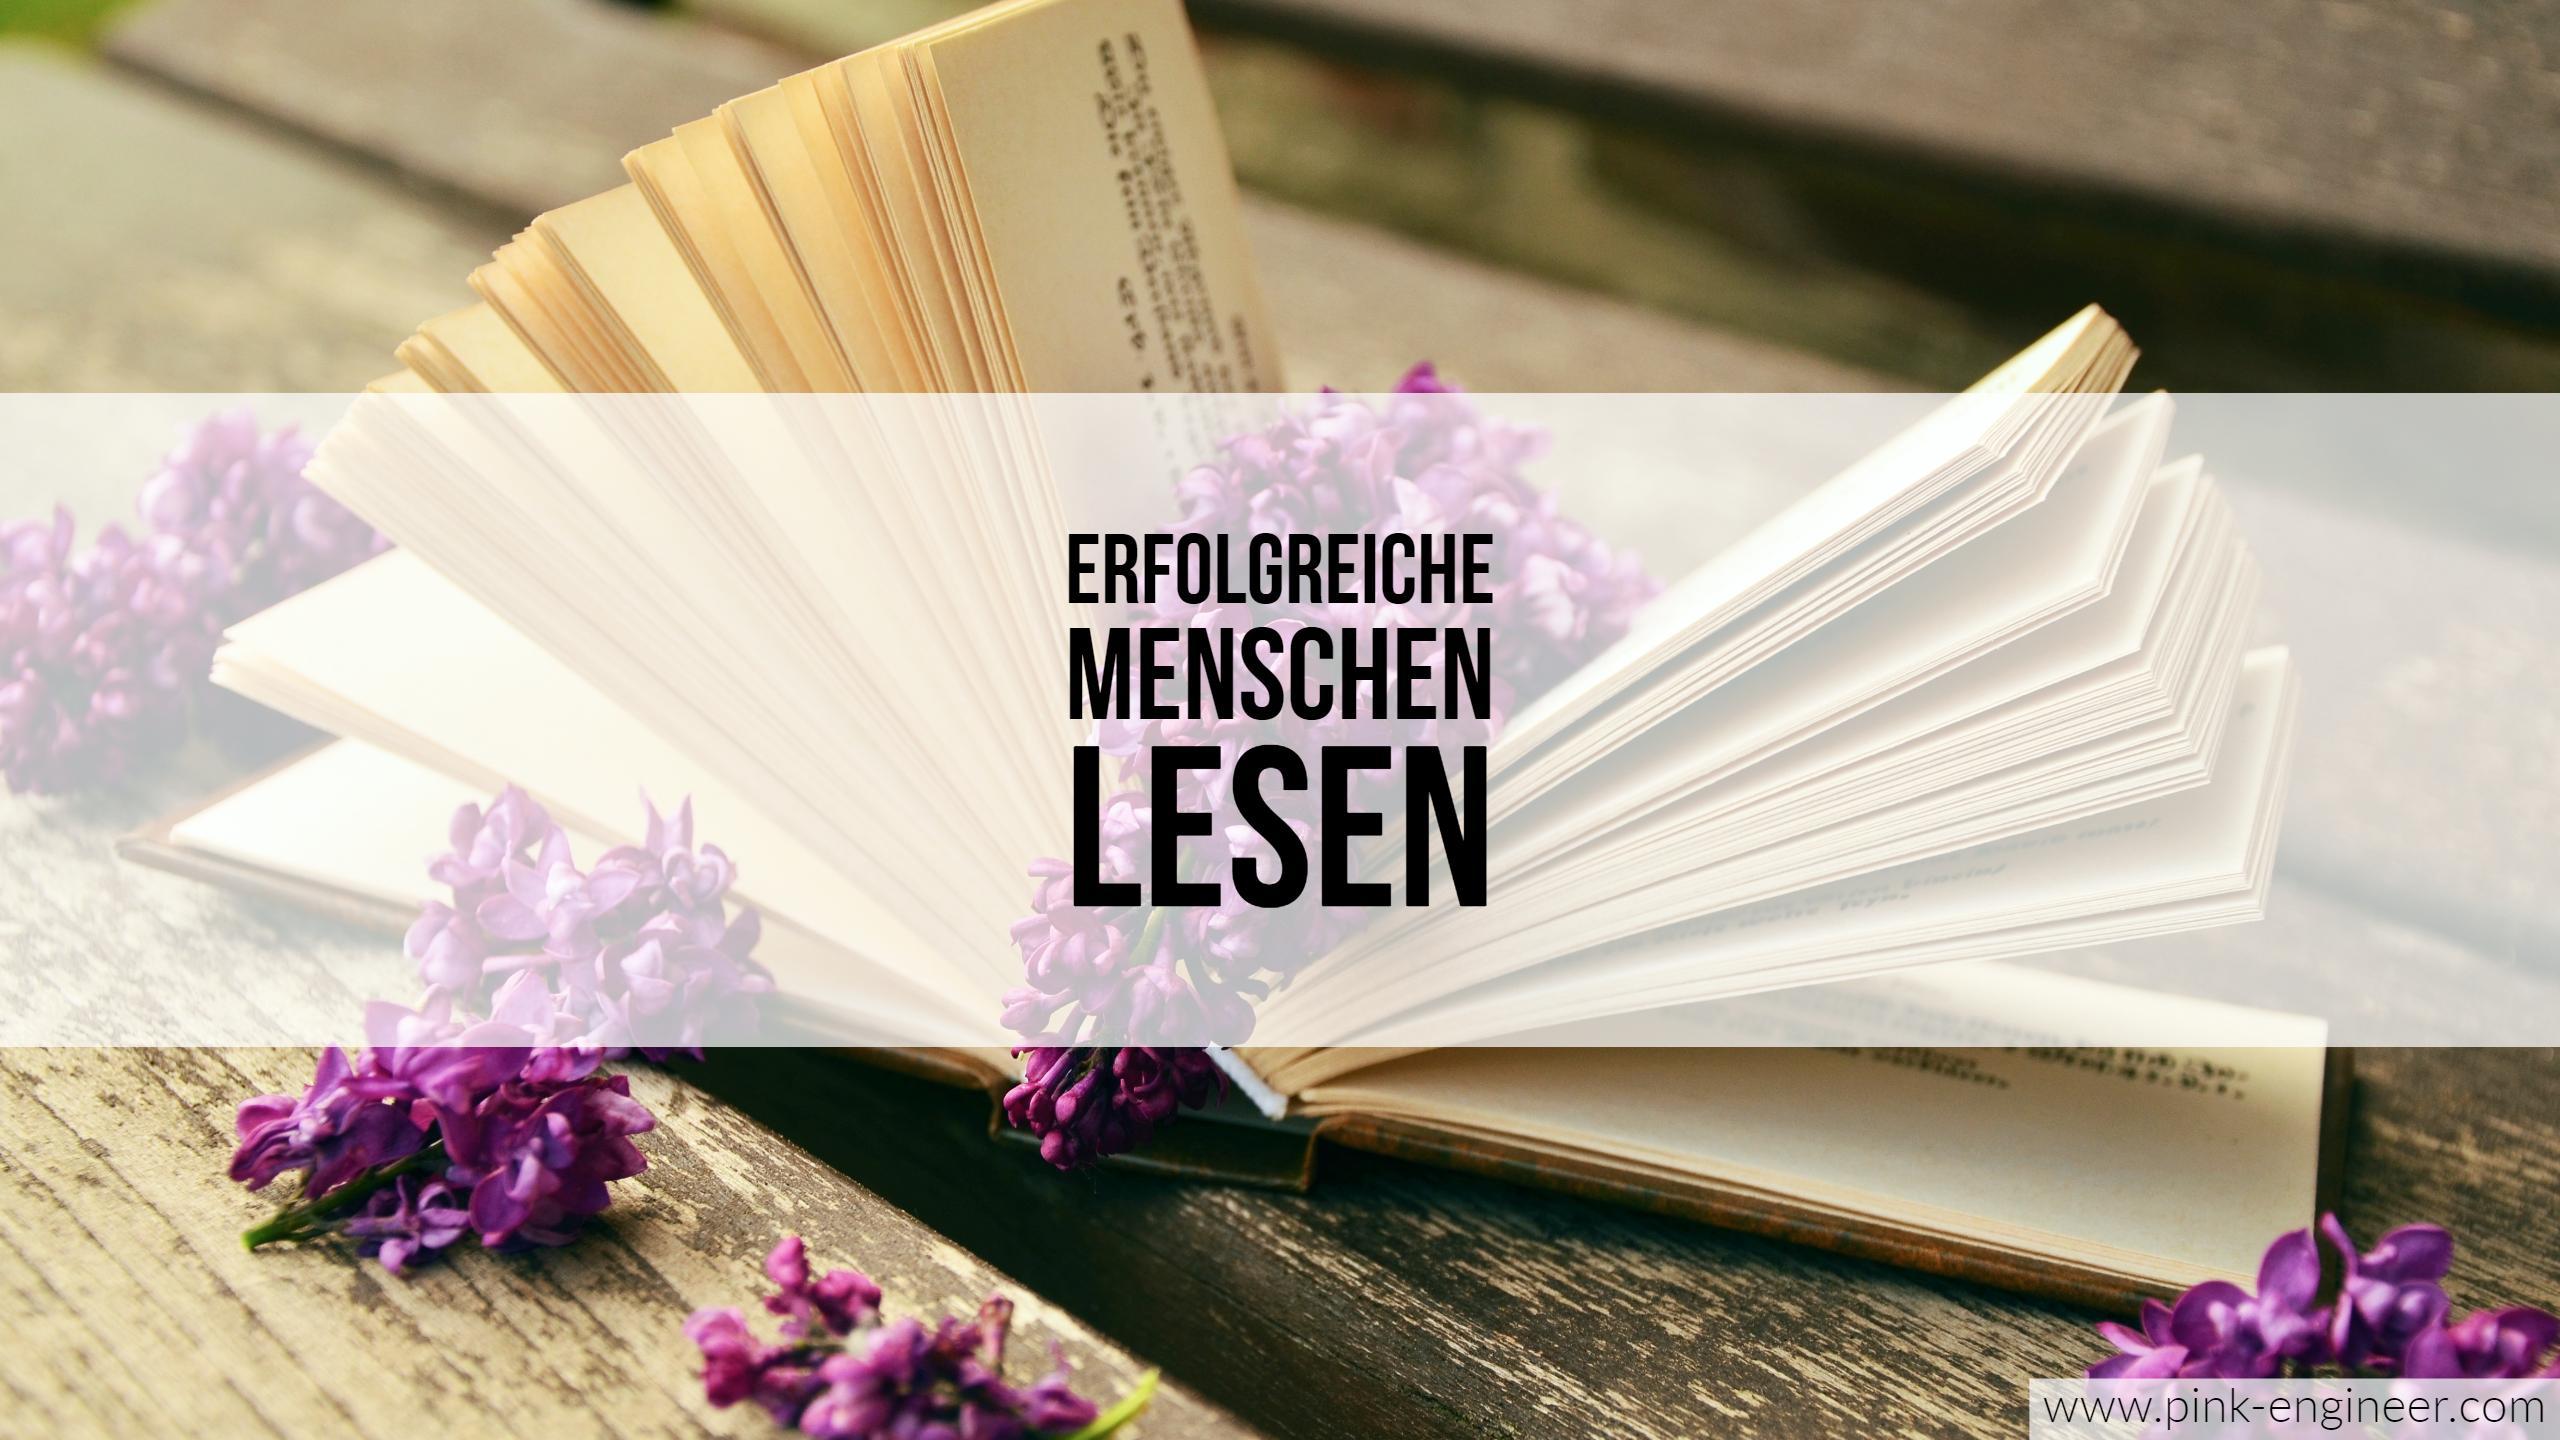 Erfolgreiche Menschen lesen